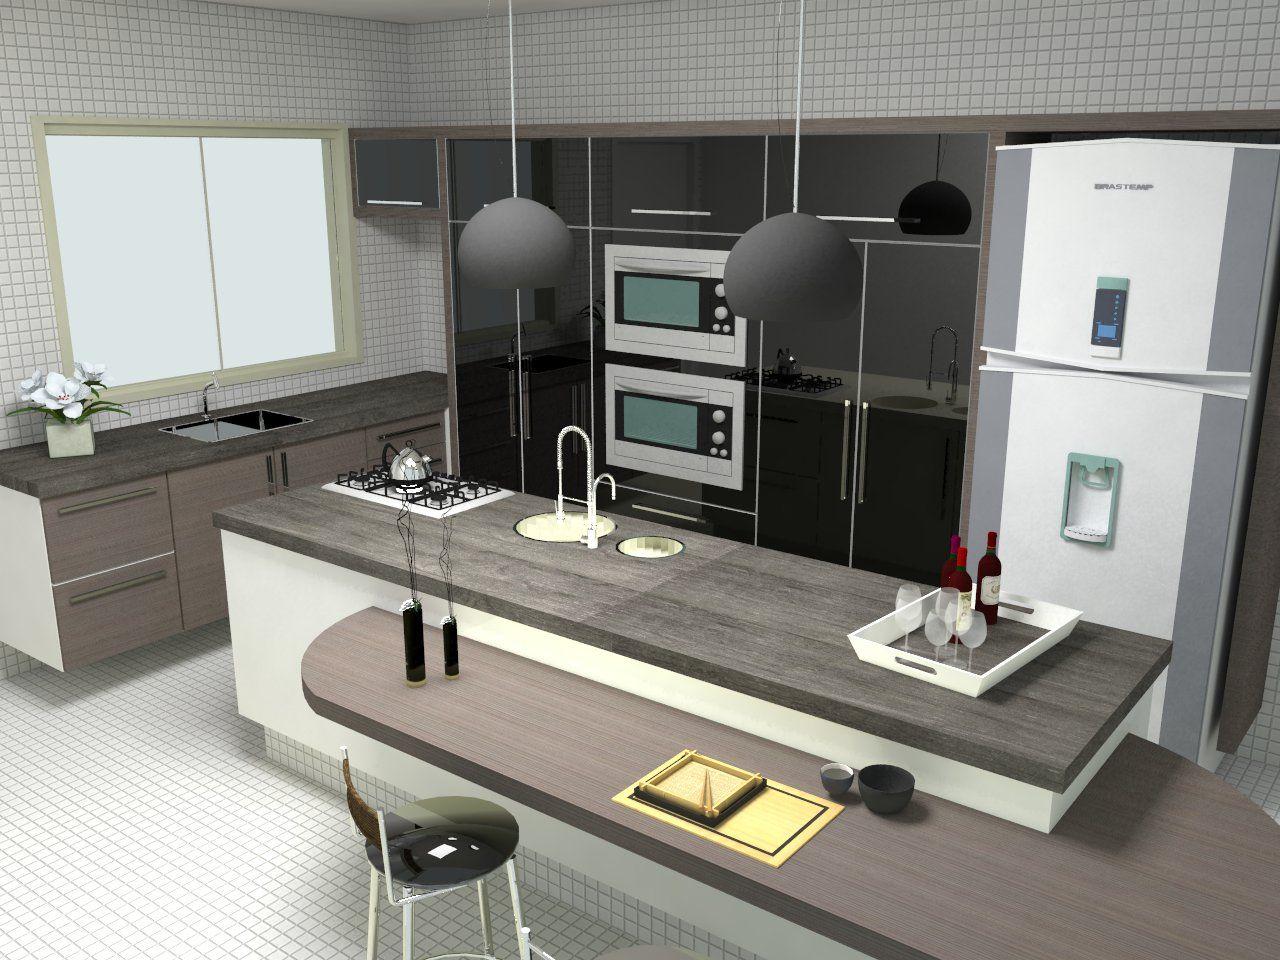 Casas Modernas Interiores Cozinha Bancada Para Refeies Na Cozinha